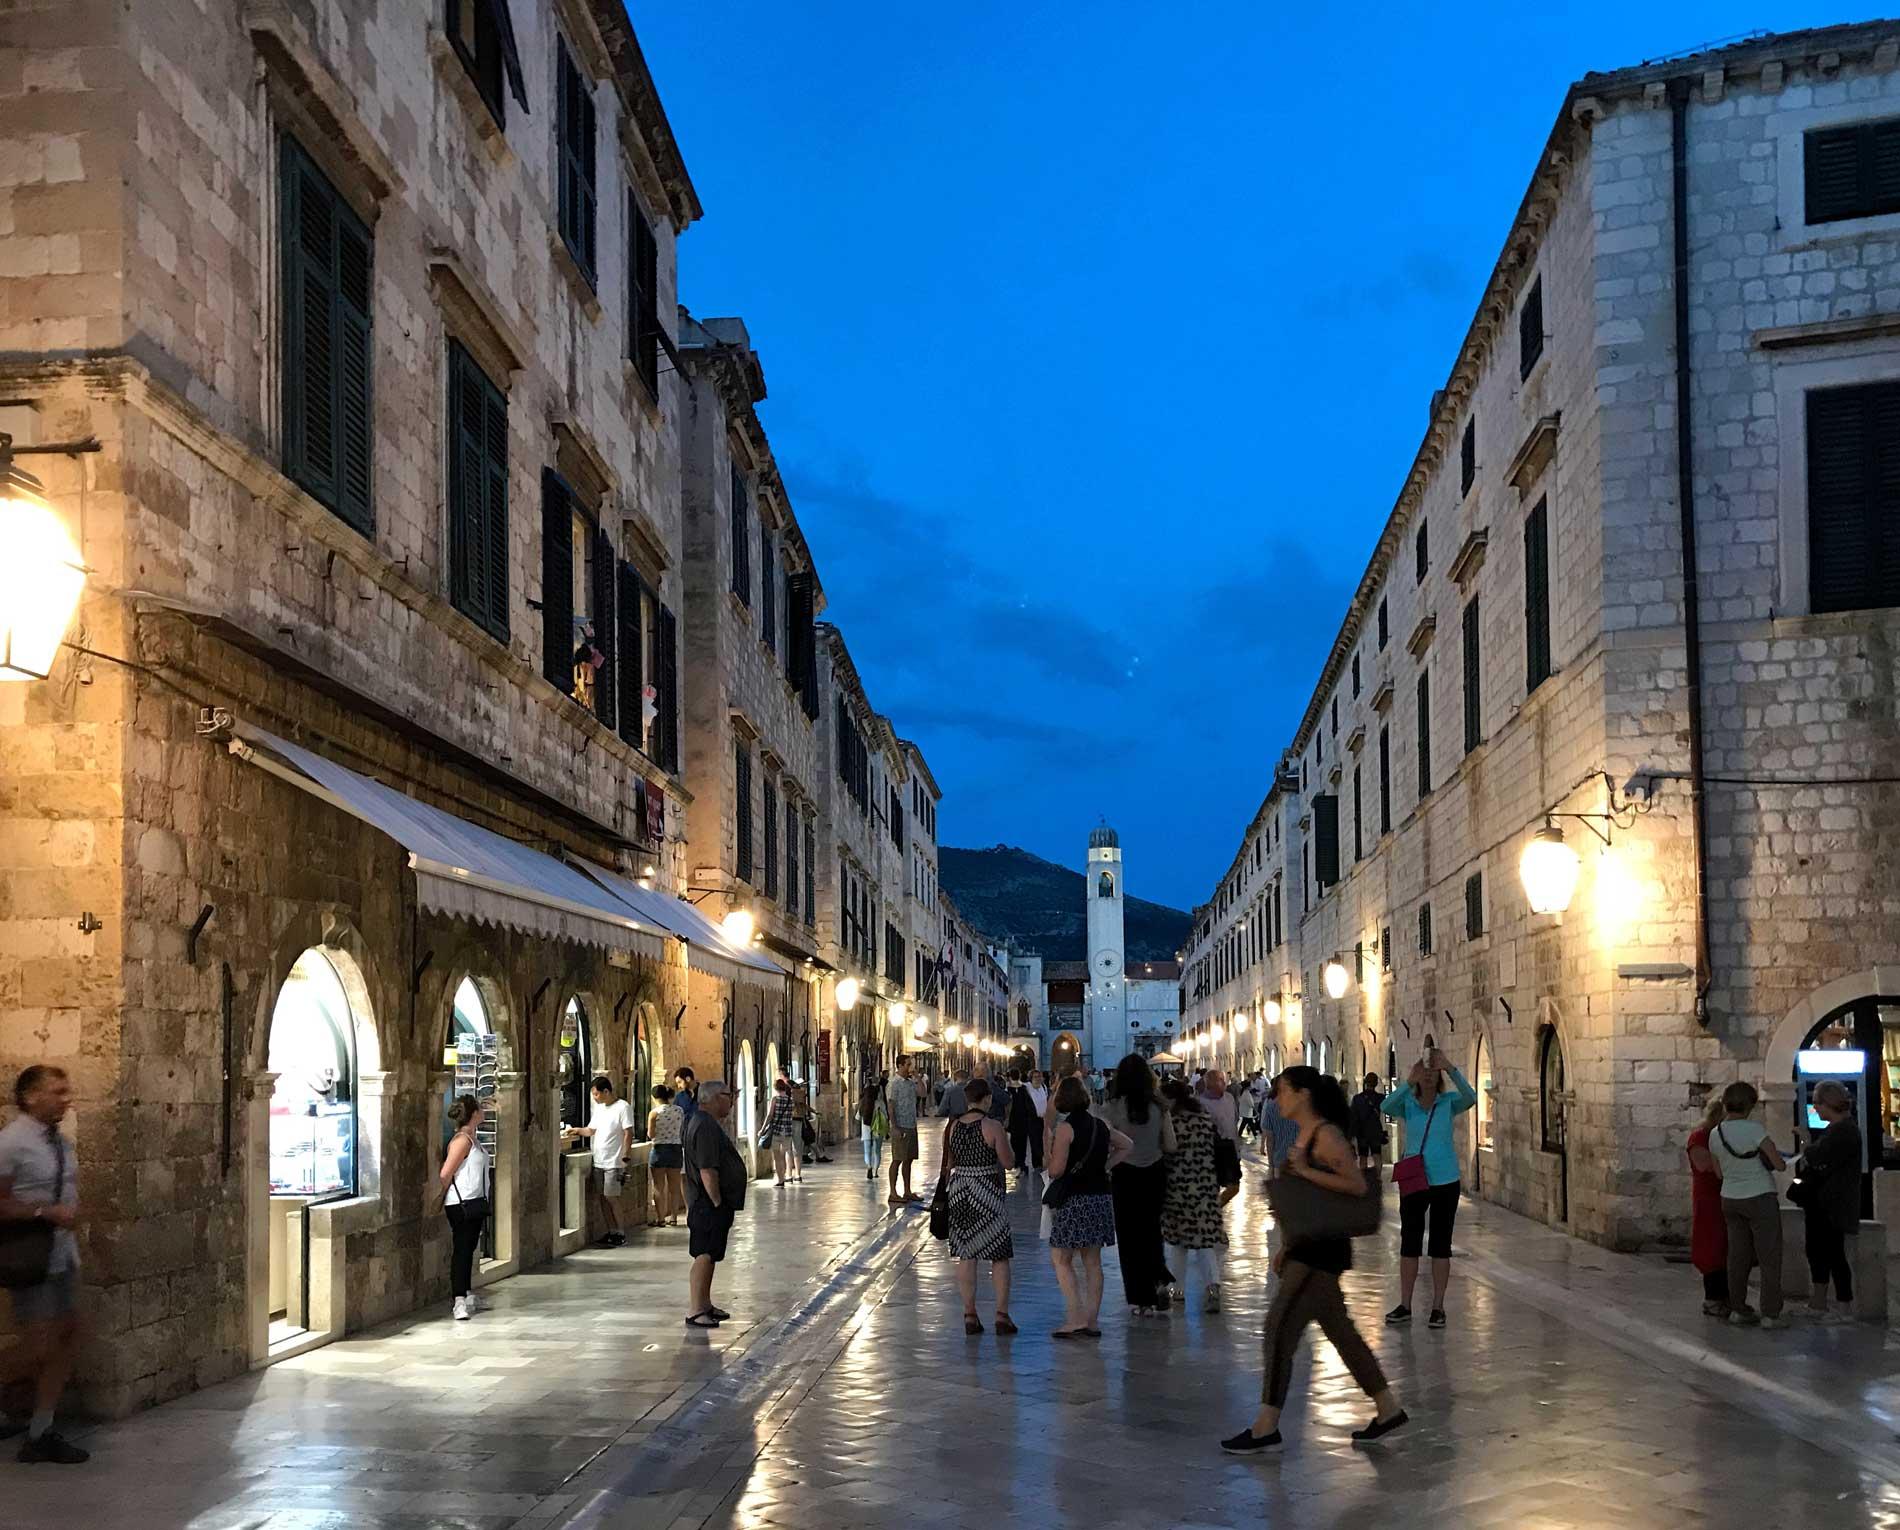 Dubrovnik-Croazia-Stradun-ora-blu-turisti-torre-dellorologio